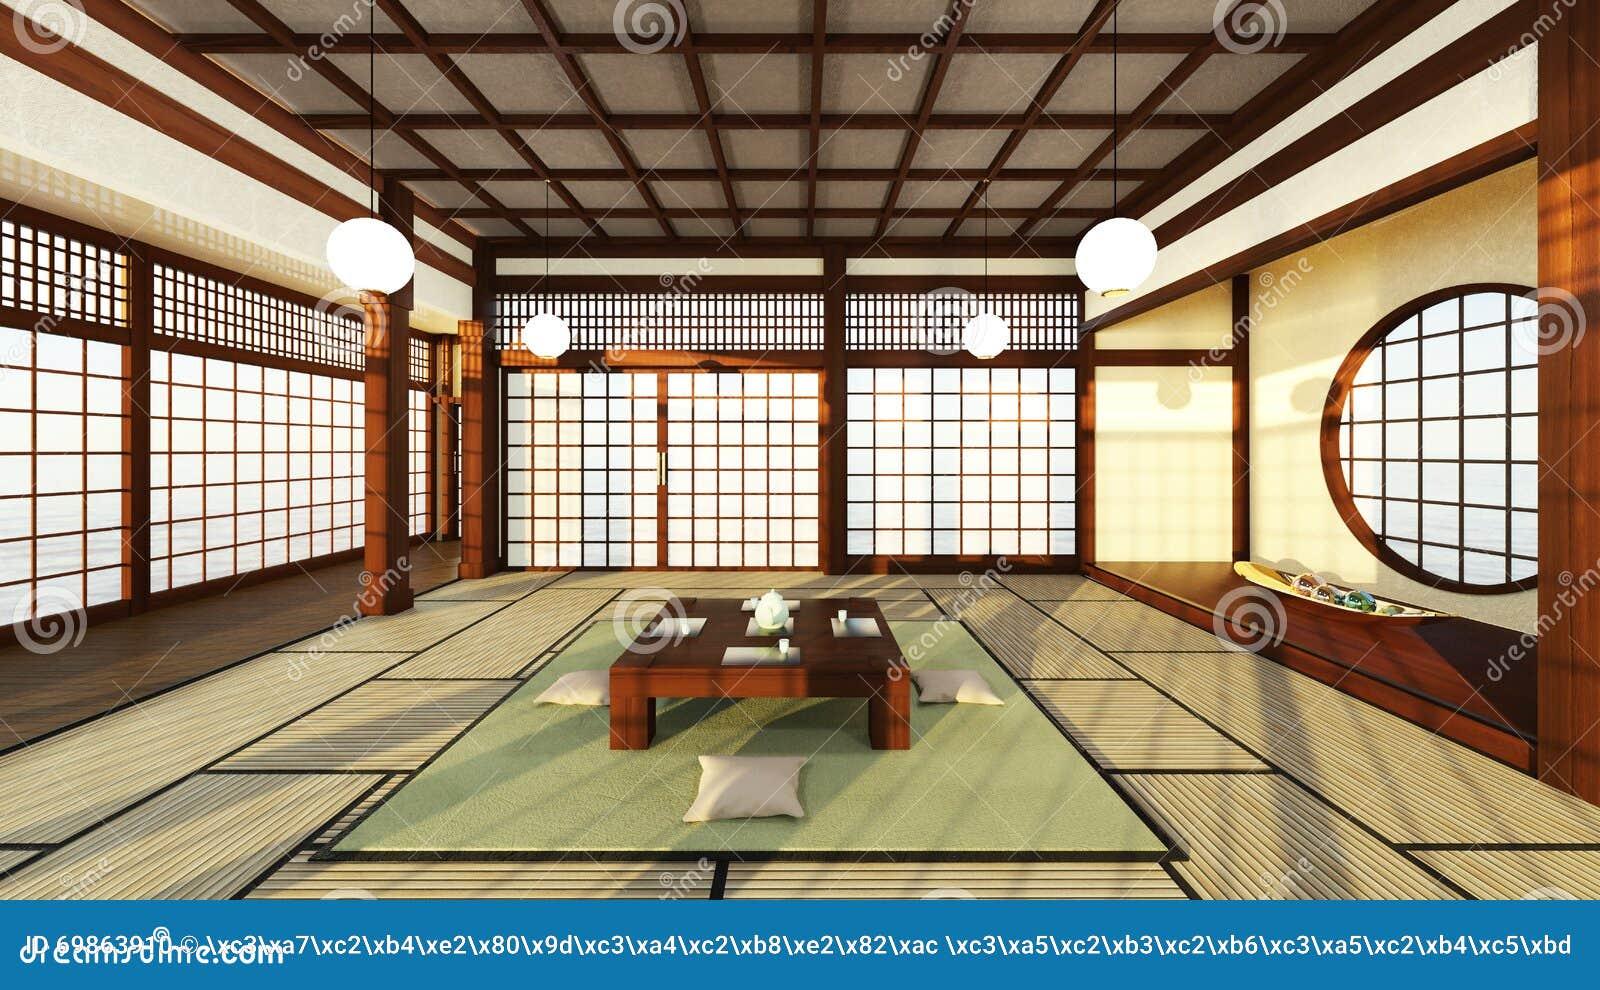 Cuartos del estilo japon s stock de ilustraci n imagen 69863910 - Habitaciones estilo japones ...